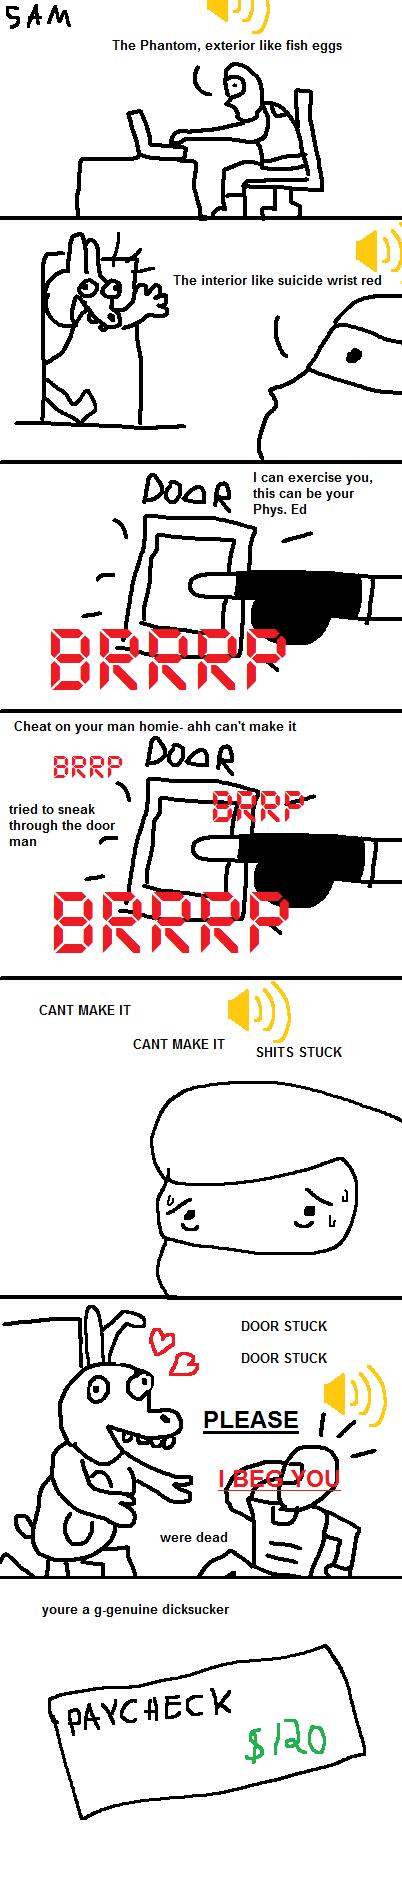 DOOR STUCK! DOOR STUCK!  sc 1 st  Know Your Meme & DOOR STUCK! DOOR STUCK! | Five Nights at Freddyu0027s | Know Your Meme pezcame.com